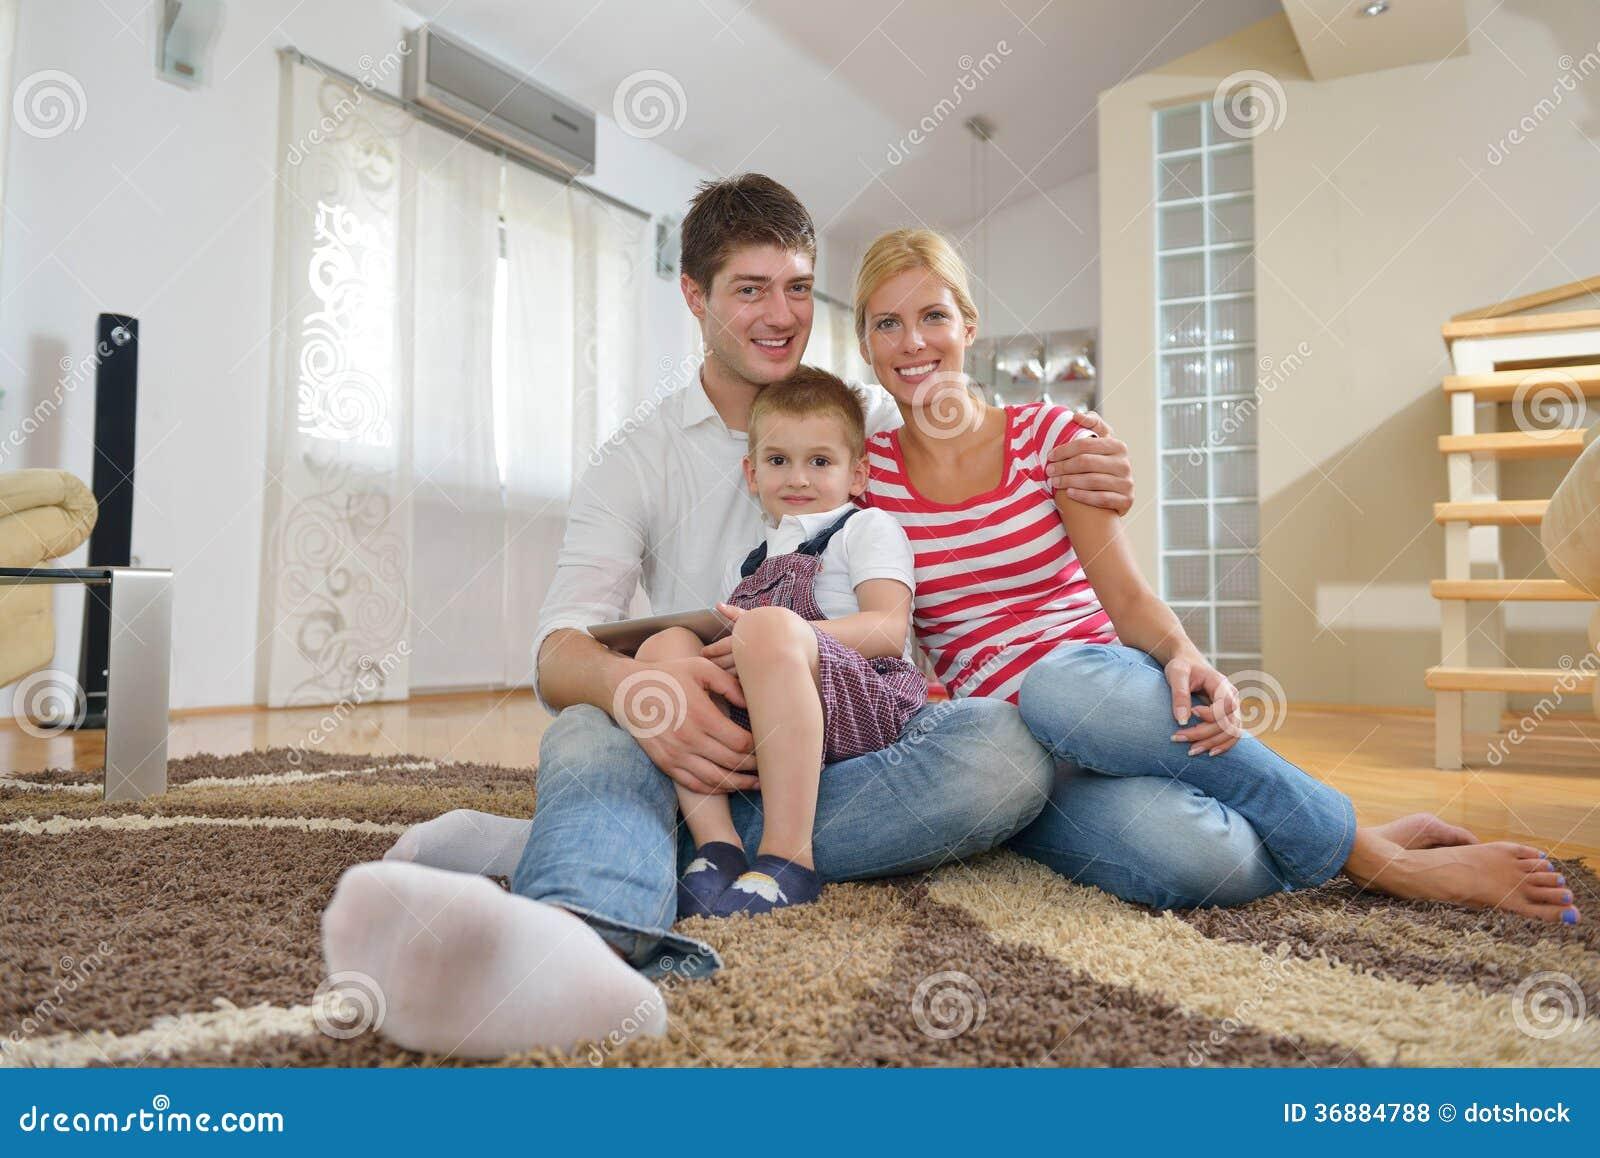 Download Famiglia a casa fotografia stock. Immagine di bello, lifestyle - 36884788